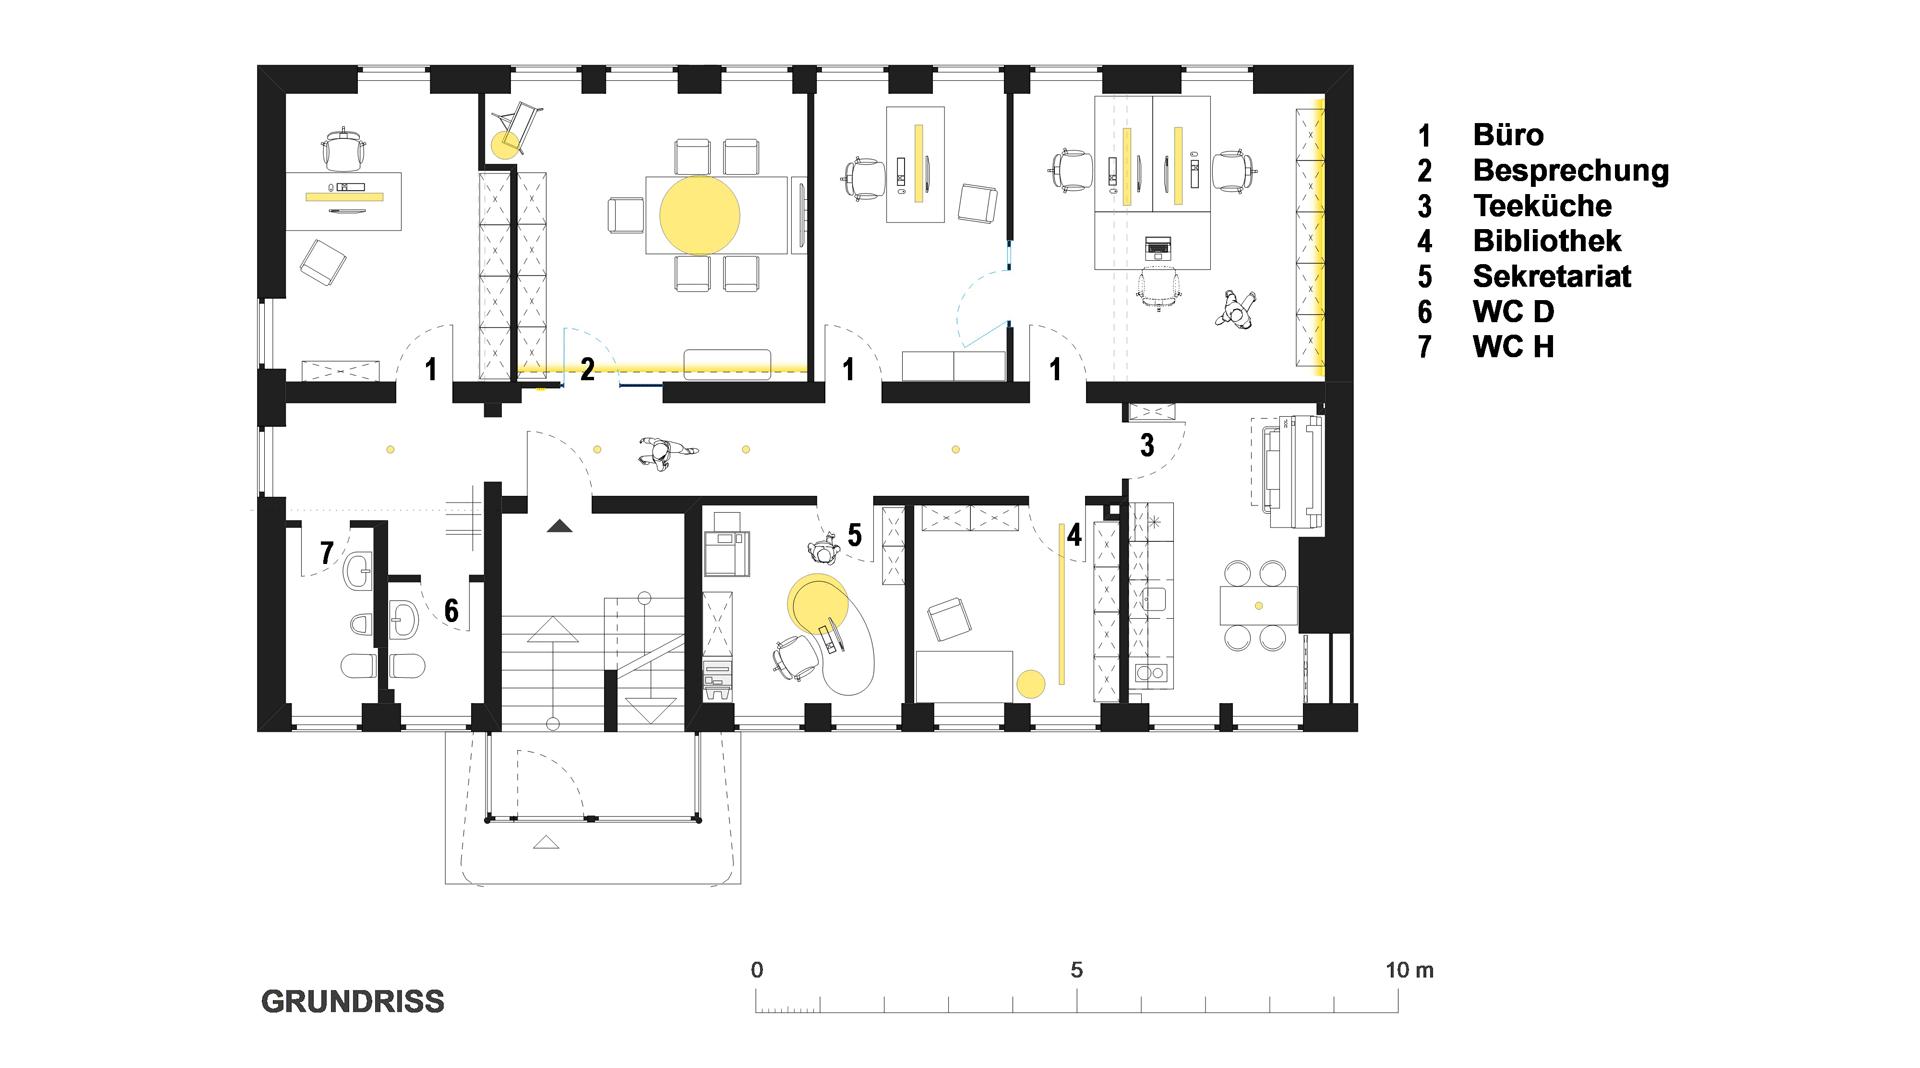 Büro in München (Ludwigsvorstadt) / Grundriss